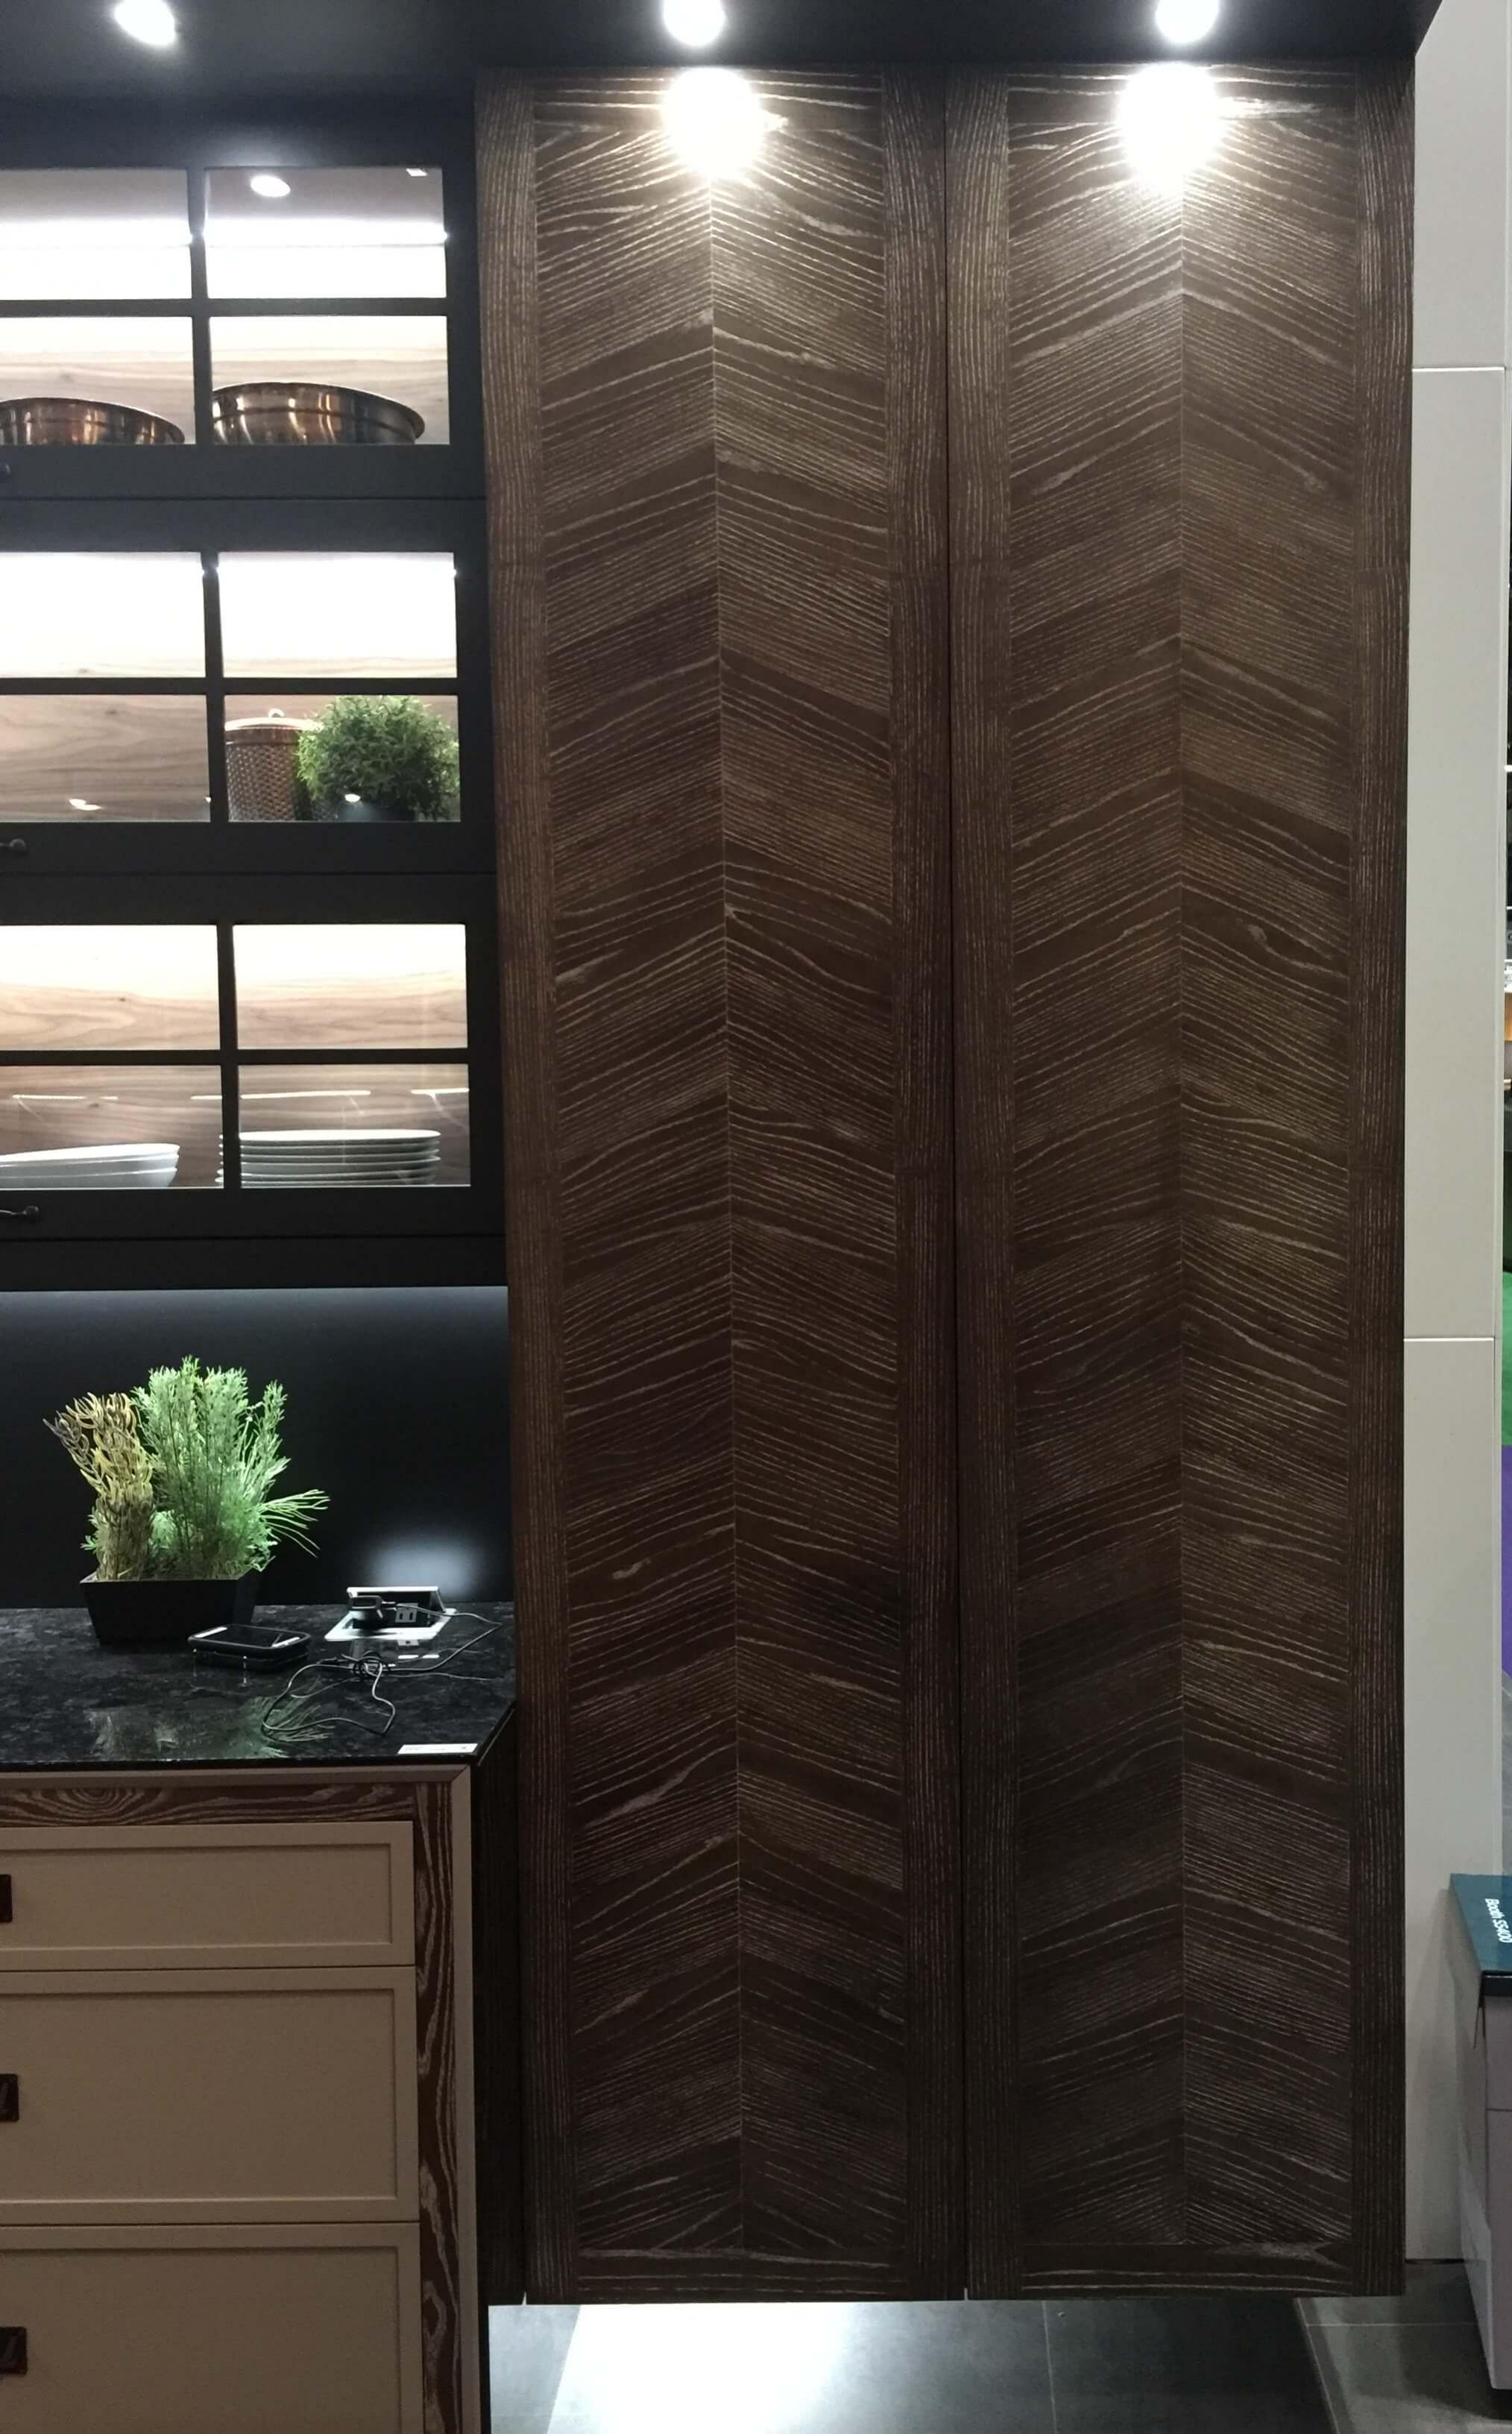 Beautiful chevron patterned oak doors from #cabinetdoors #oakcabinets